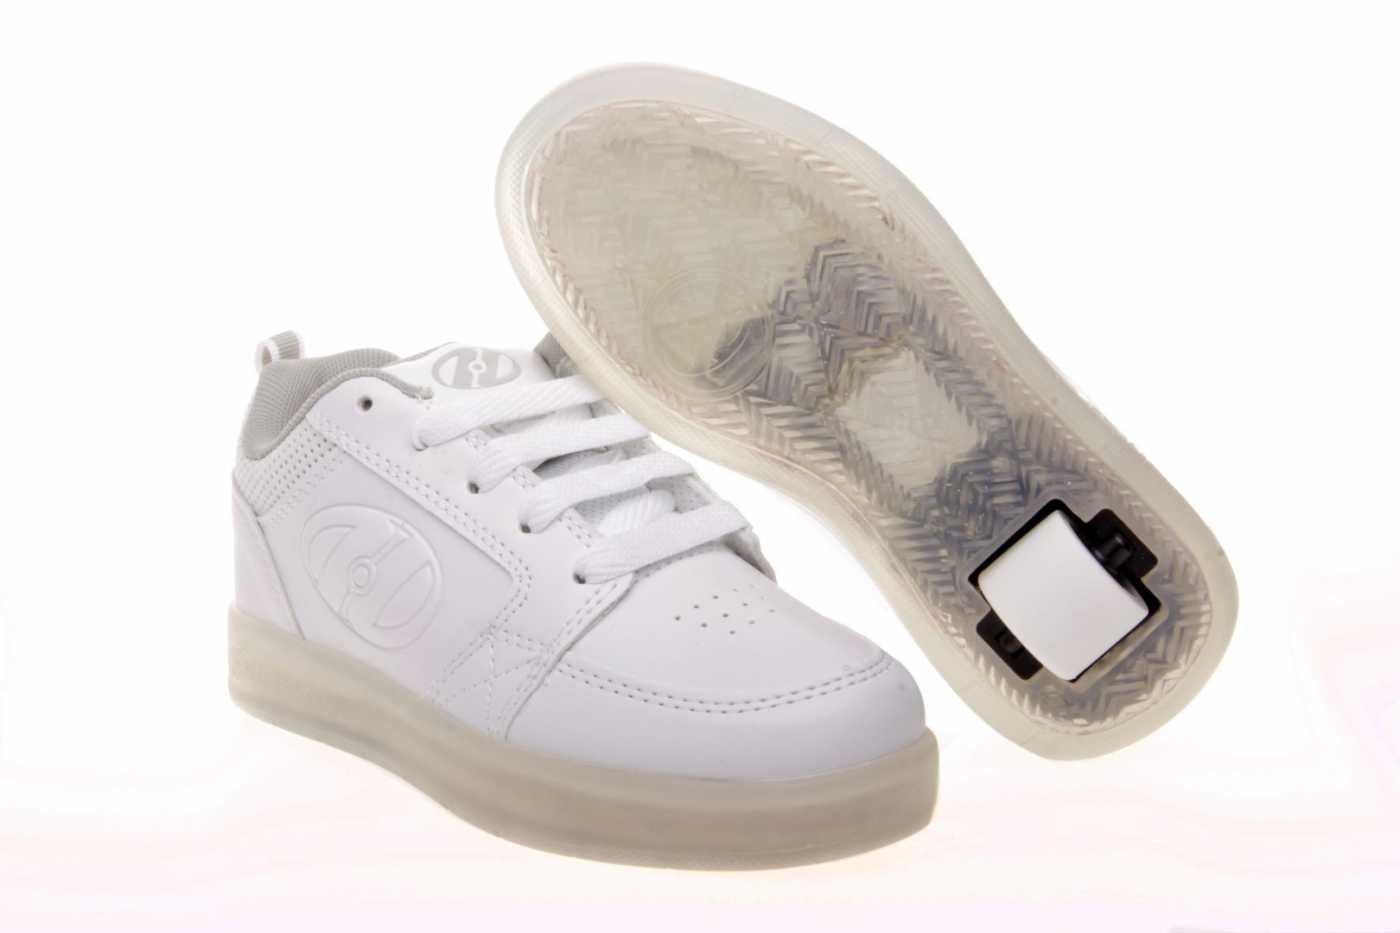 9cda1c4d1df Comprar zapato tipo JOVEN NIÑA estilo DEPORTIVO COLOR BLANCO PIEL ...